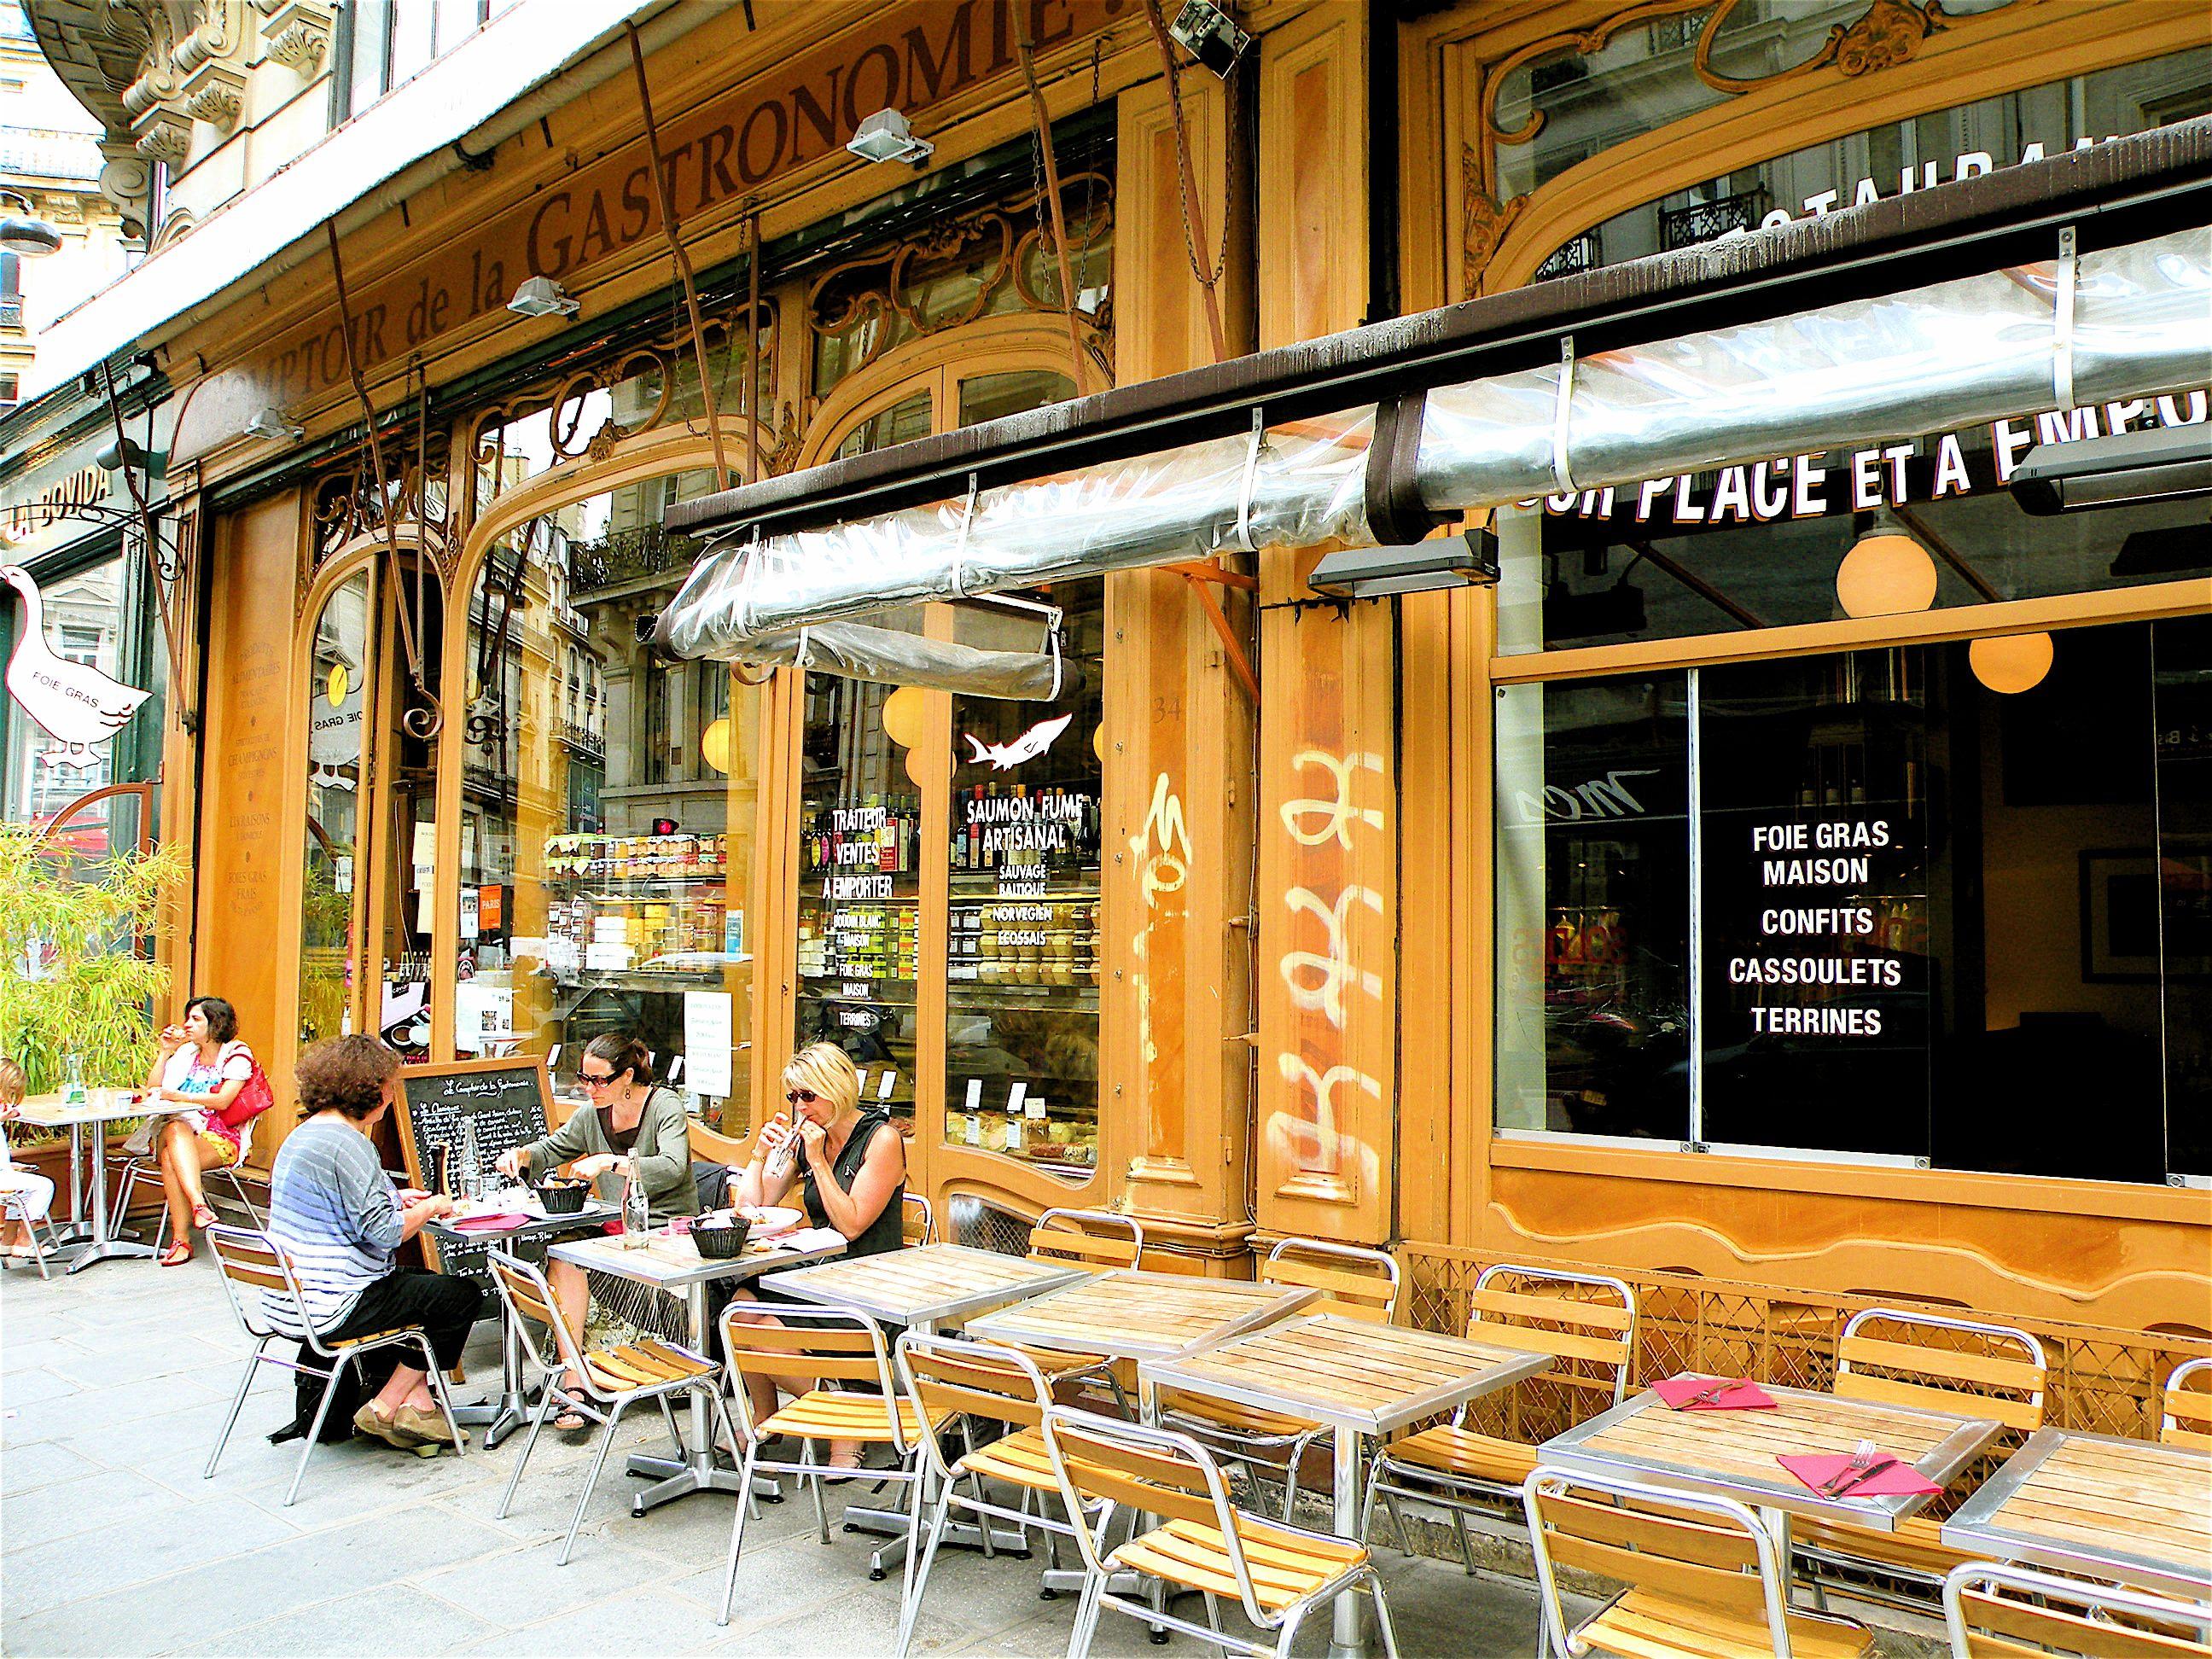 Le comptoir de la gastronomie 34 rue montmartre 75001 - Comptoir de la gastronomie ...